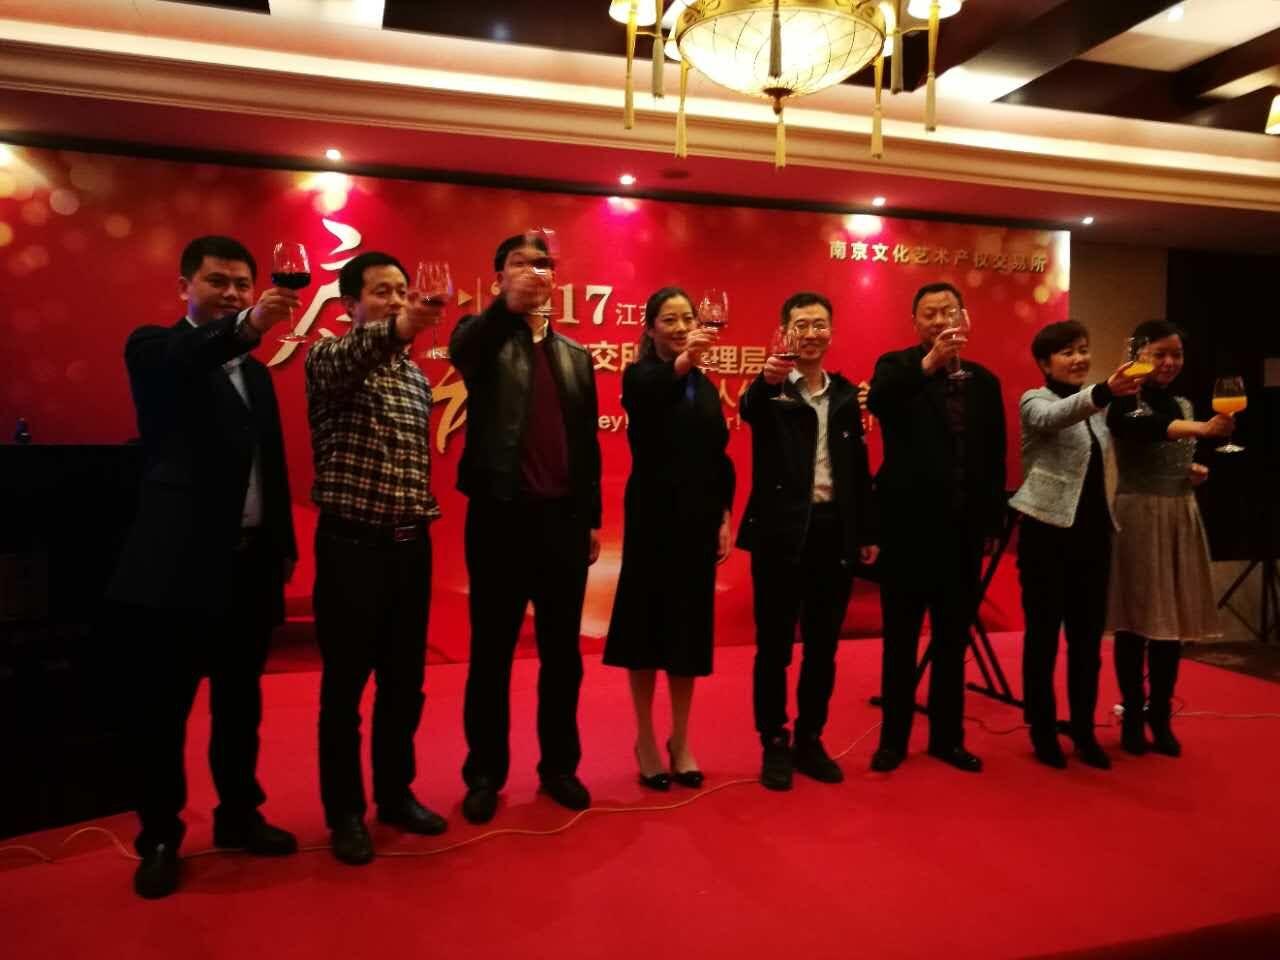 万紫千红春正盛 轻装上阵踏征程――南京文交所举办新管理层与投